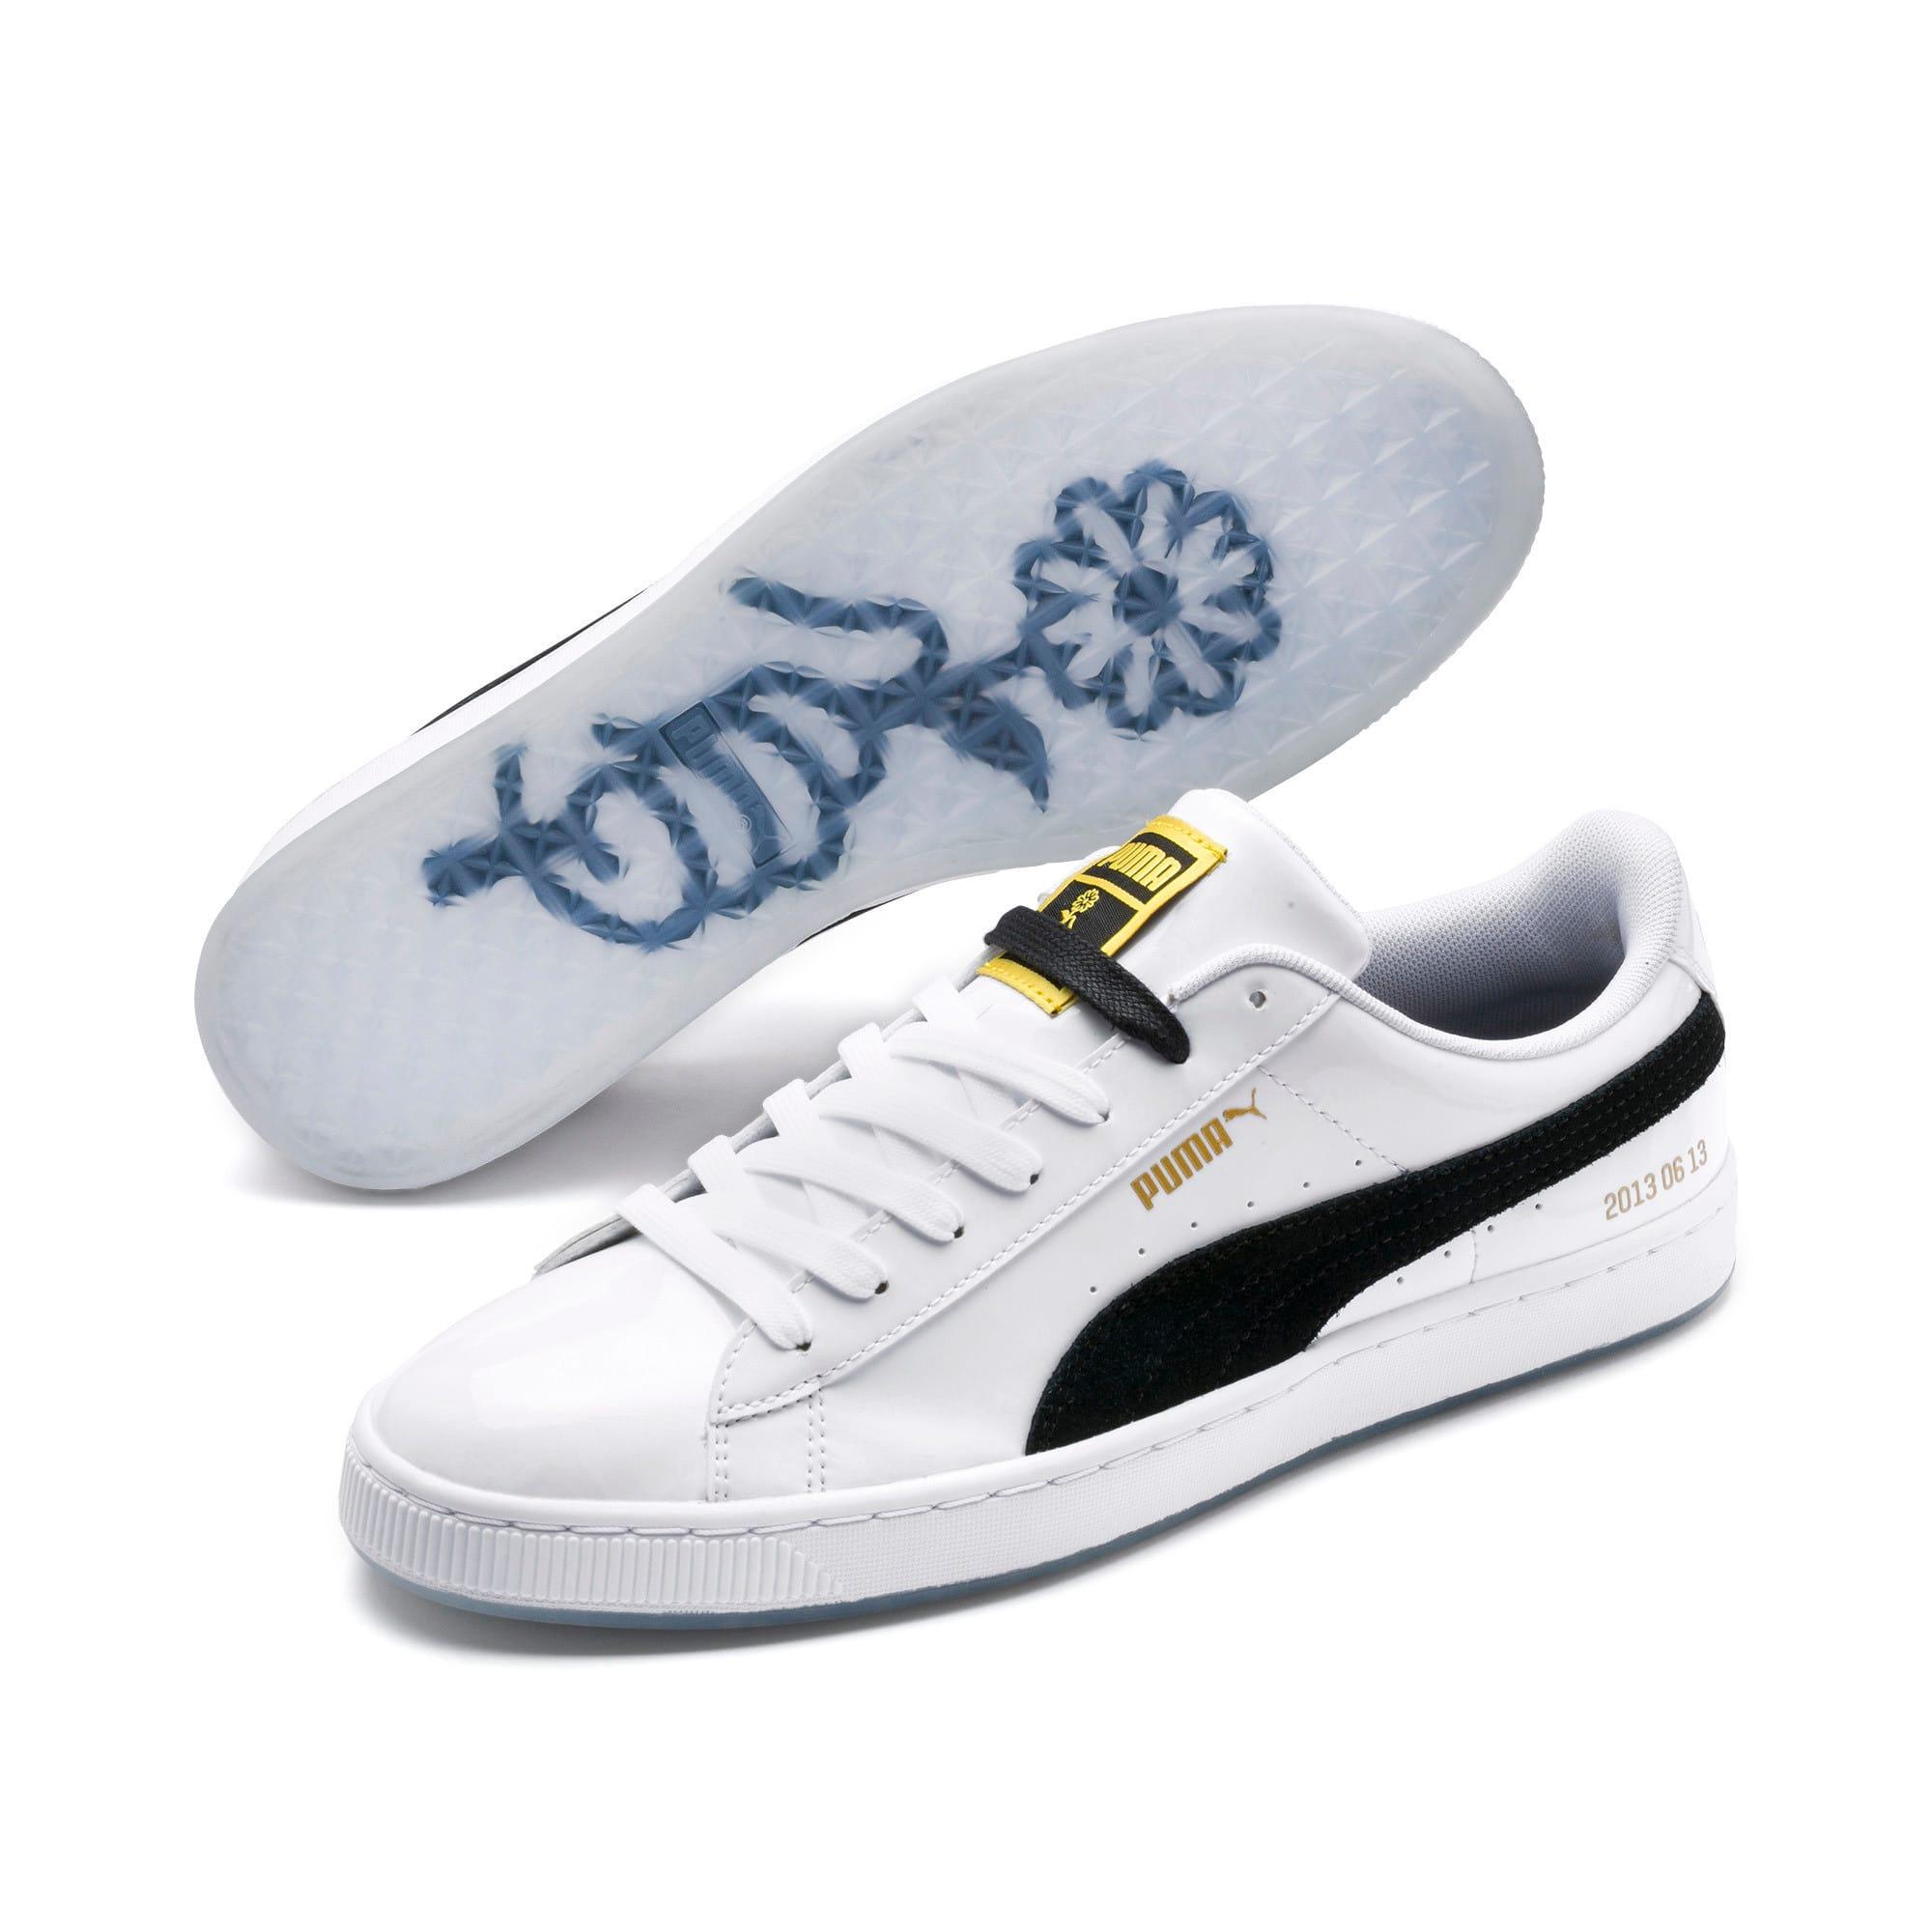 premium selection 64a83 1c828 PUMA x BTS Basket Patent Sneakers